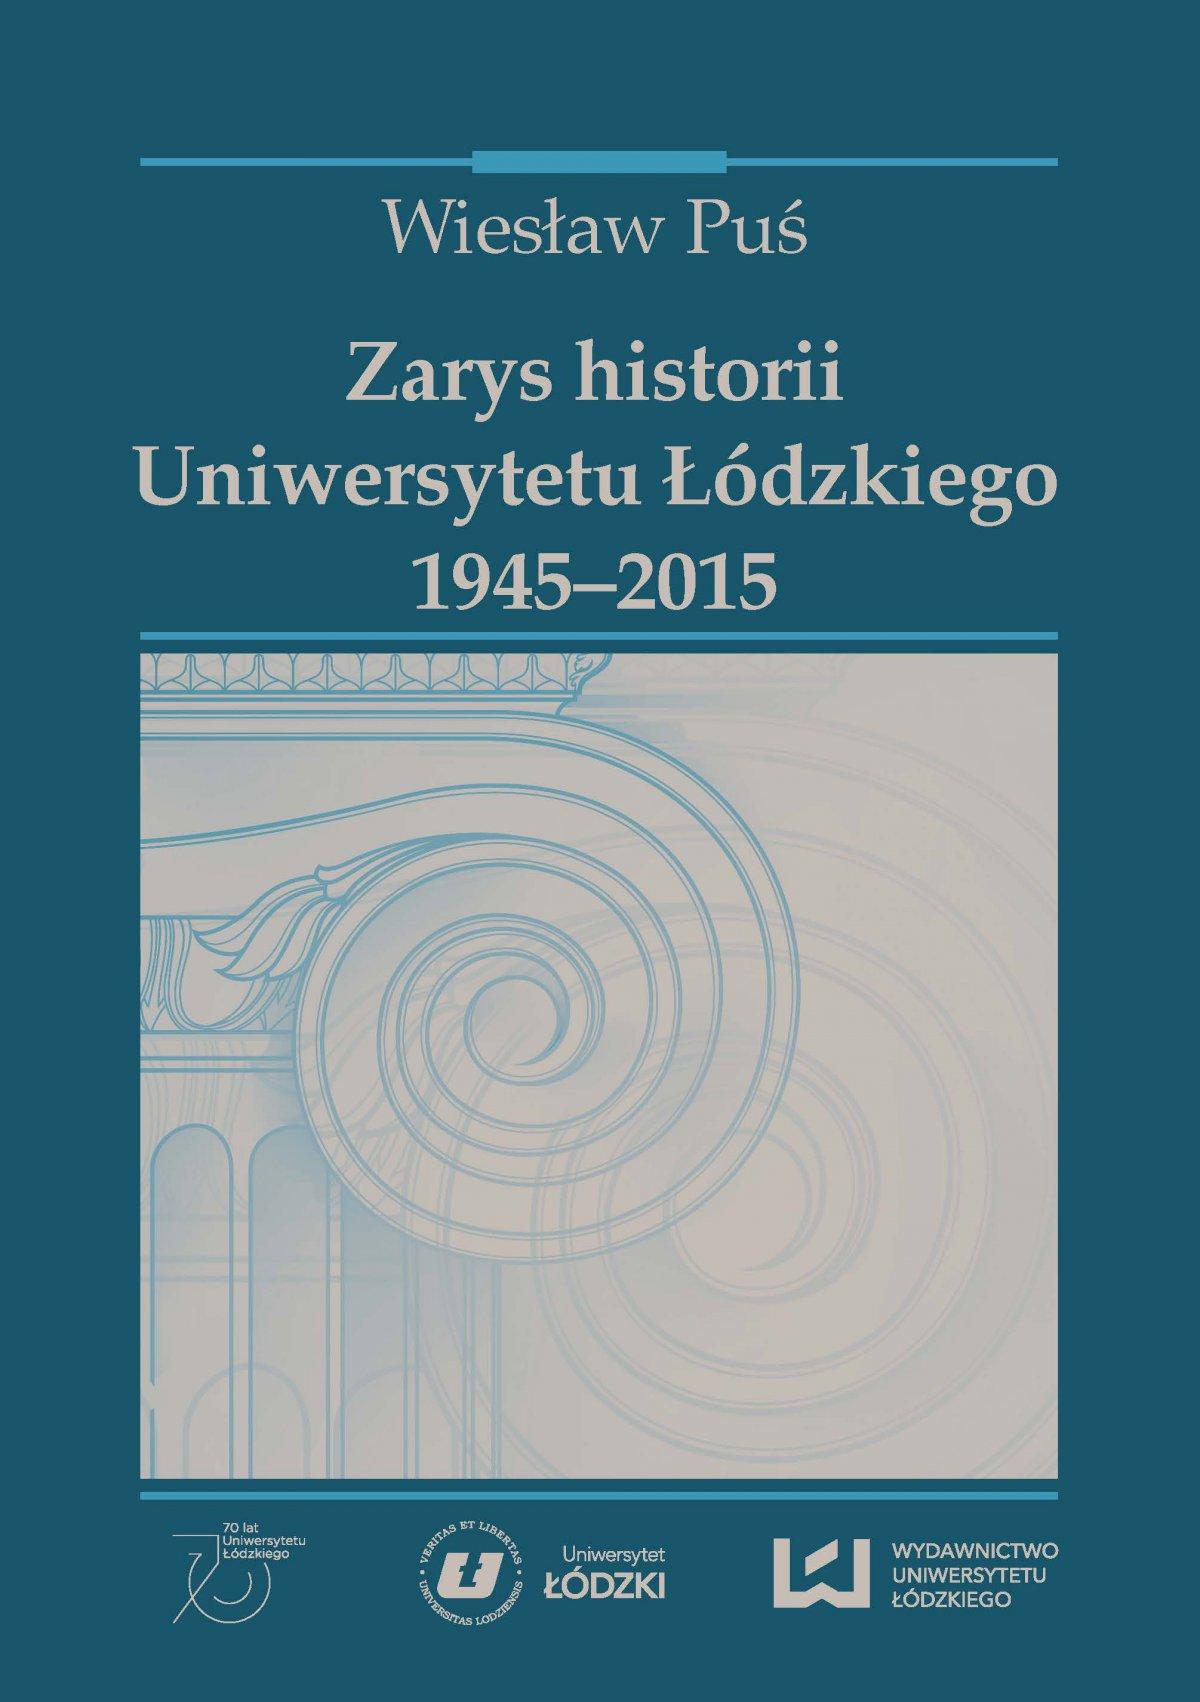 Zarys historii Uniwersytetu Łódzkiego (1945‒2015) - Ebook (Książka PDF) do pobrania w formacie PDF